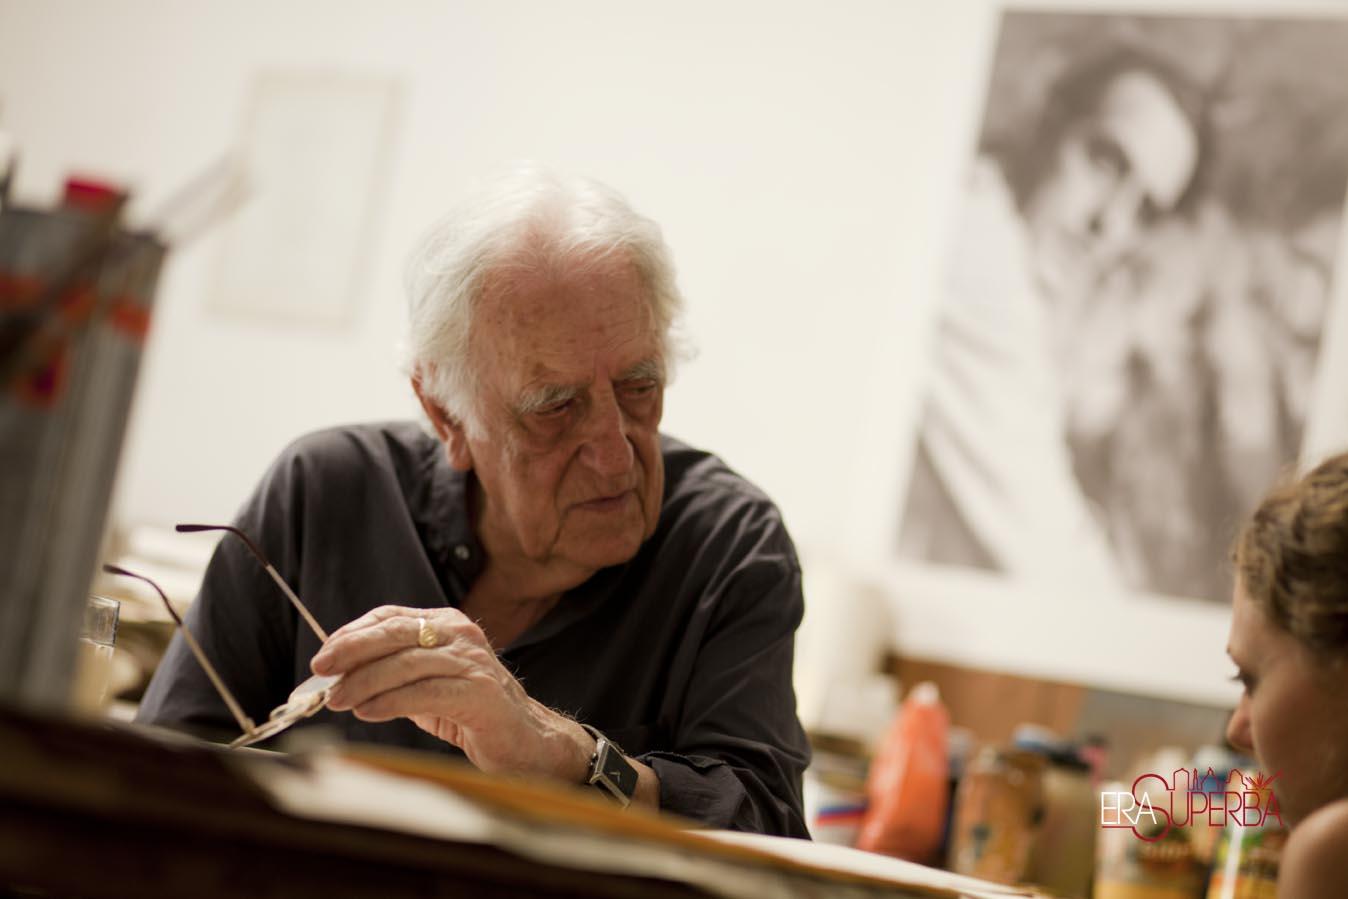 Luiso Sturla incontro con il pittore ligure da Chiavari